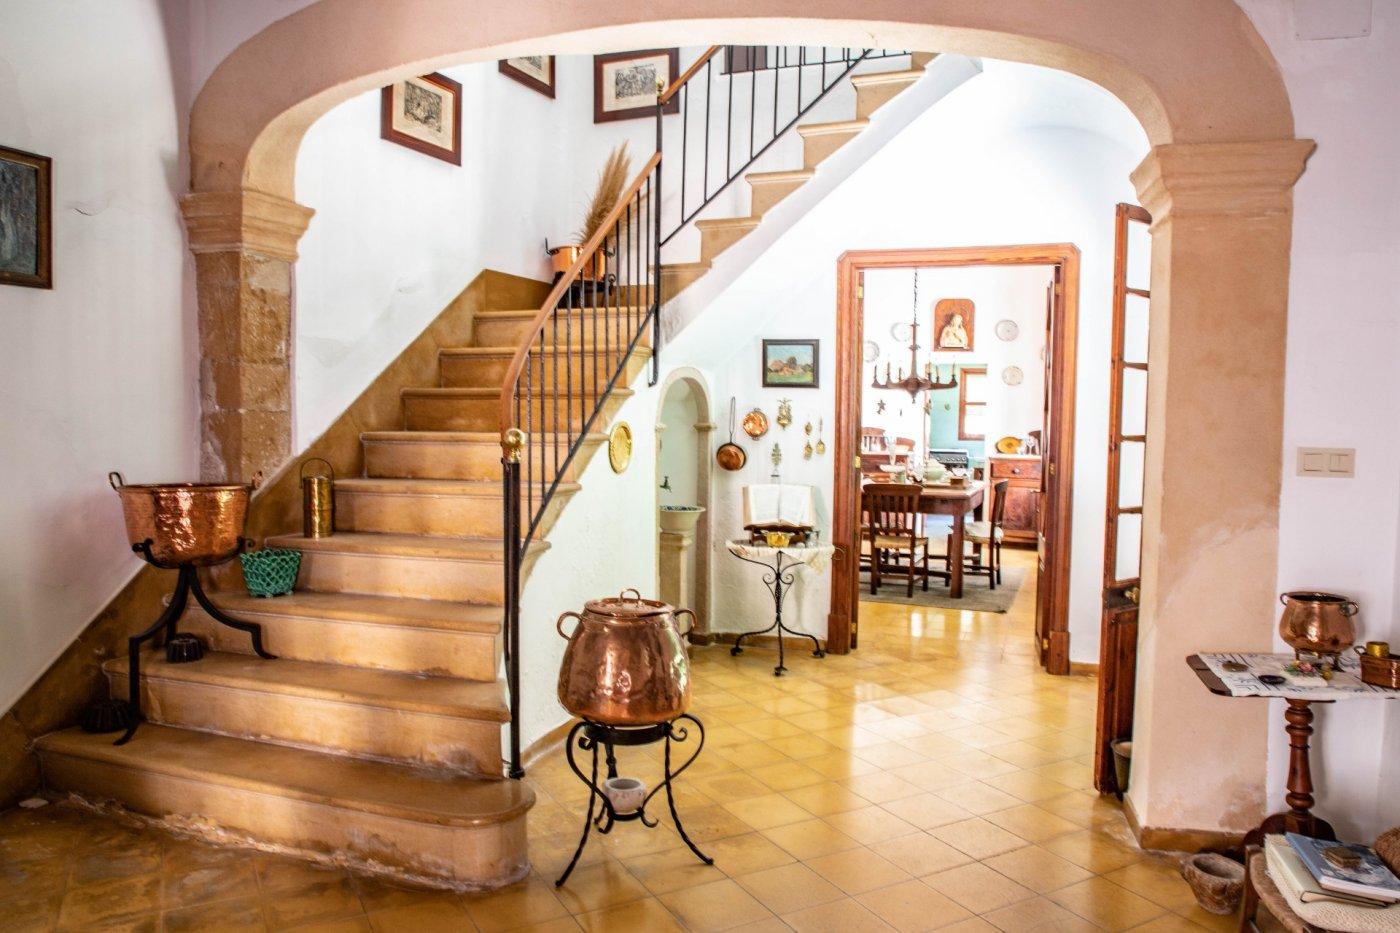 En venta excelente casa en el centro de pollensa - imagenInmueble19